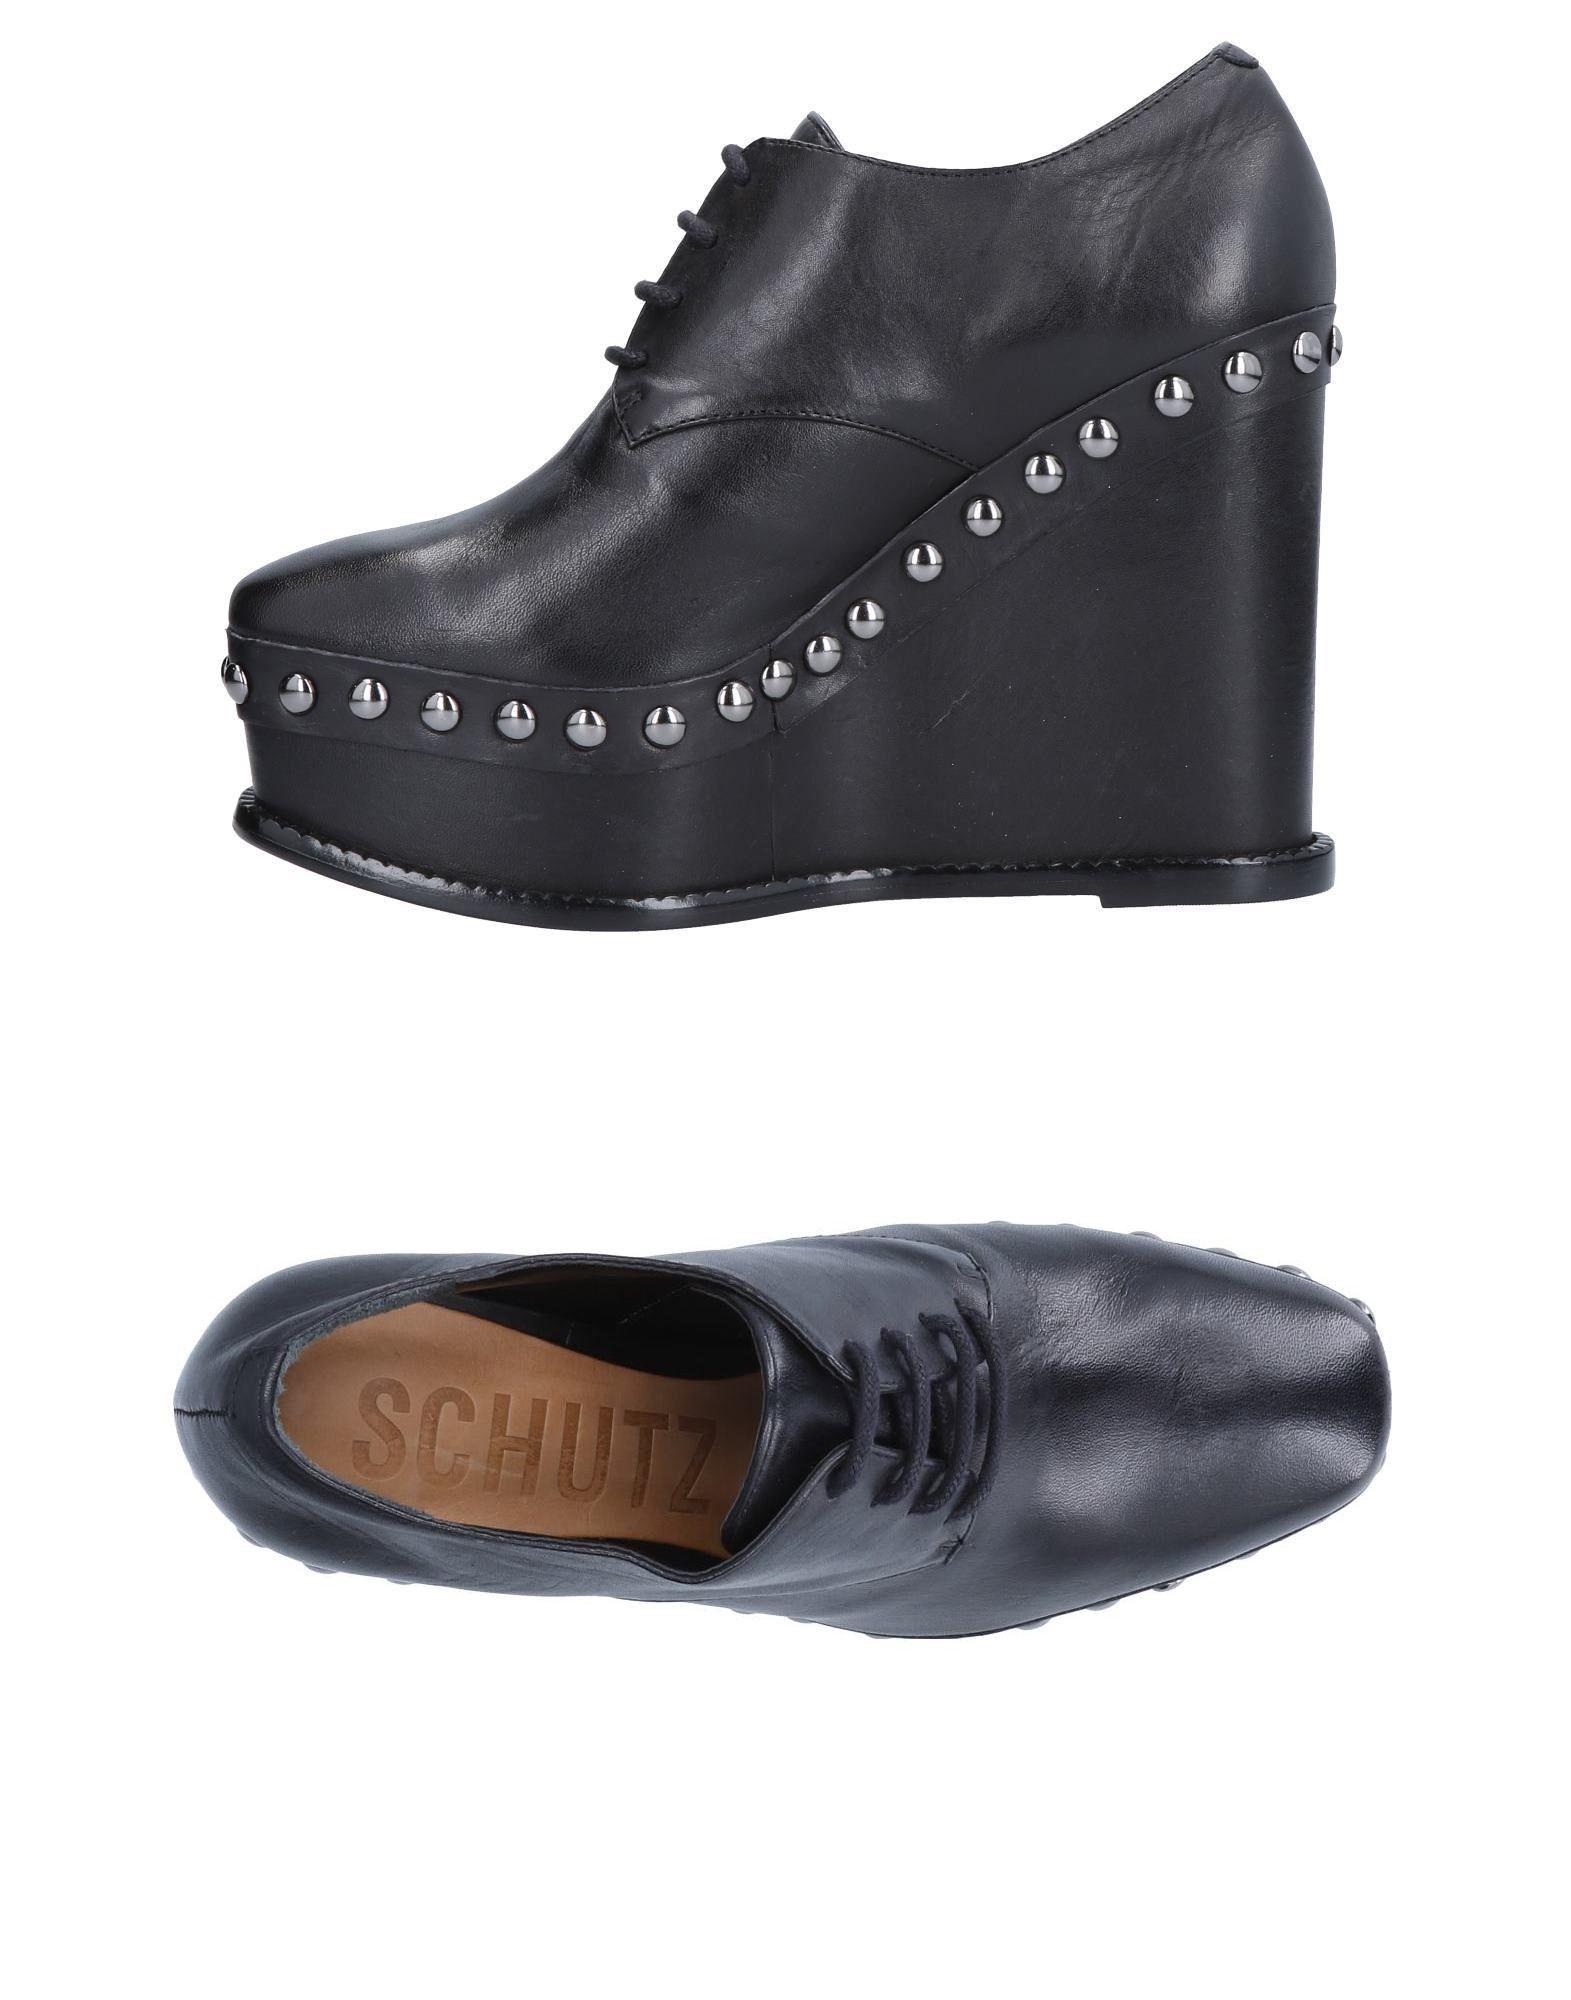 Haltbare Mode billige Schuhe Schutz Schnürschuhe Damen  11506406CM Heiße Schuhe